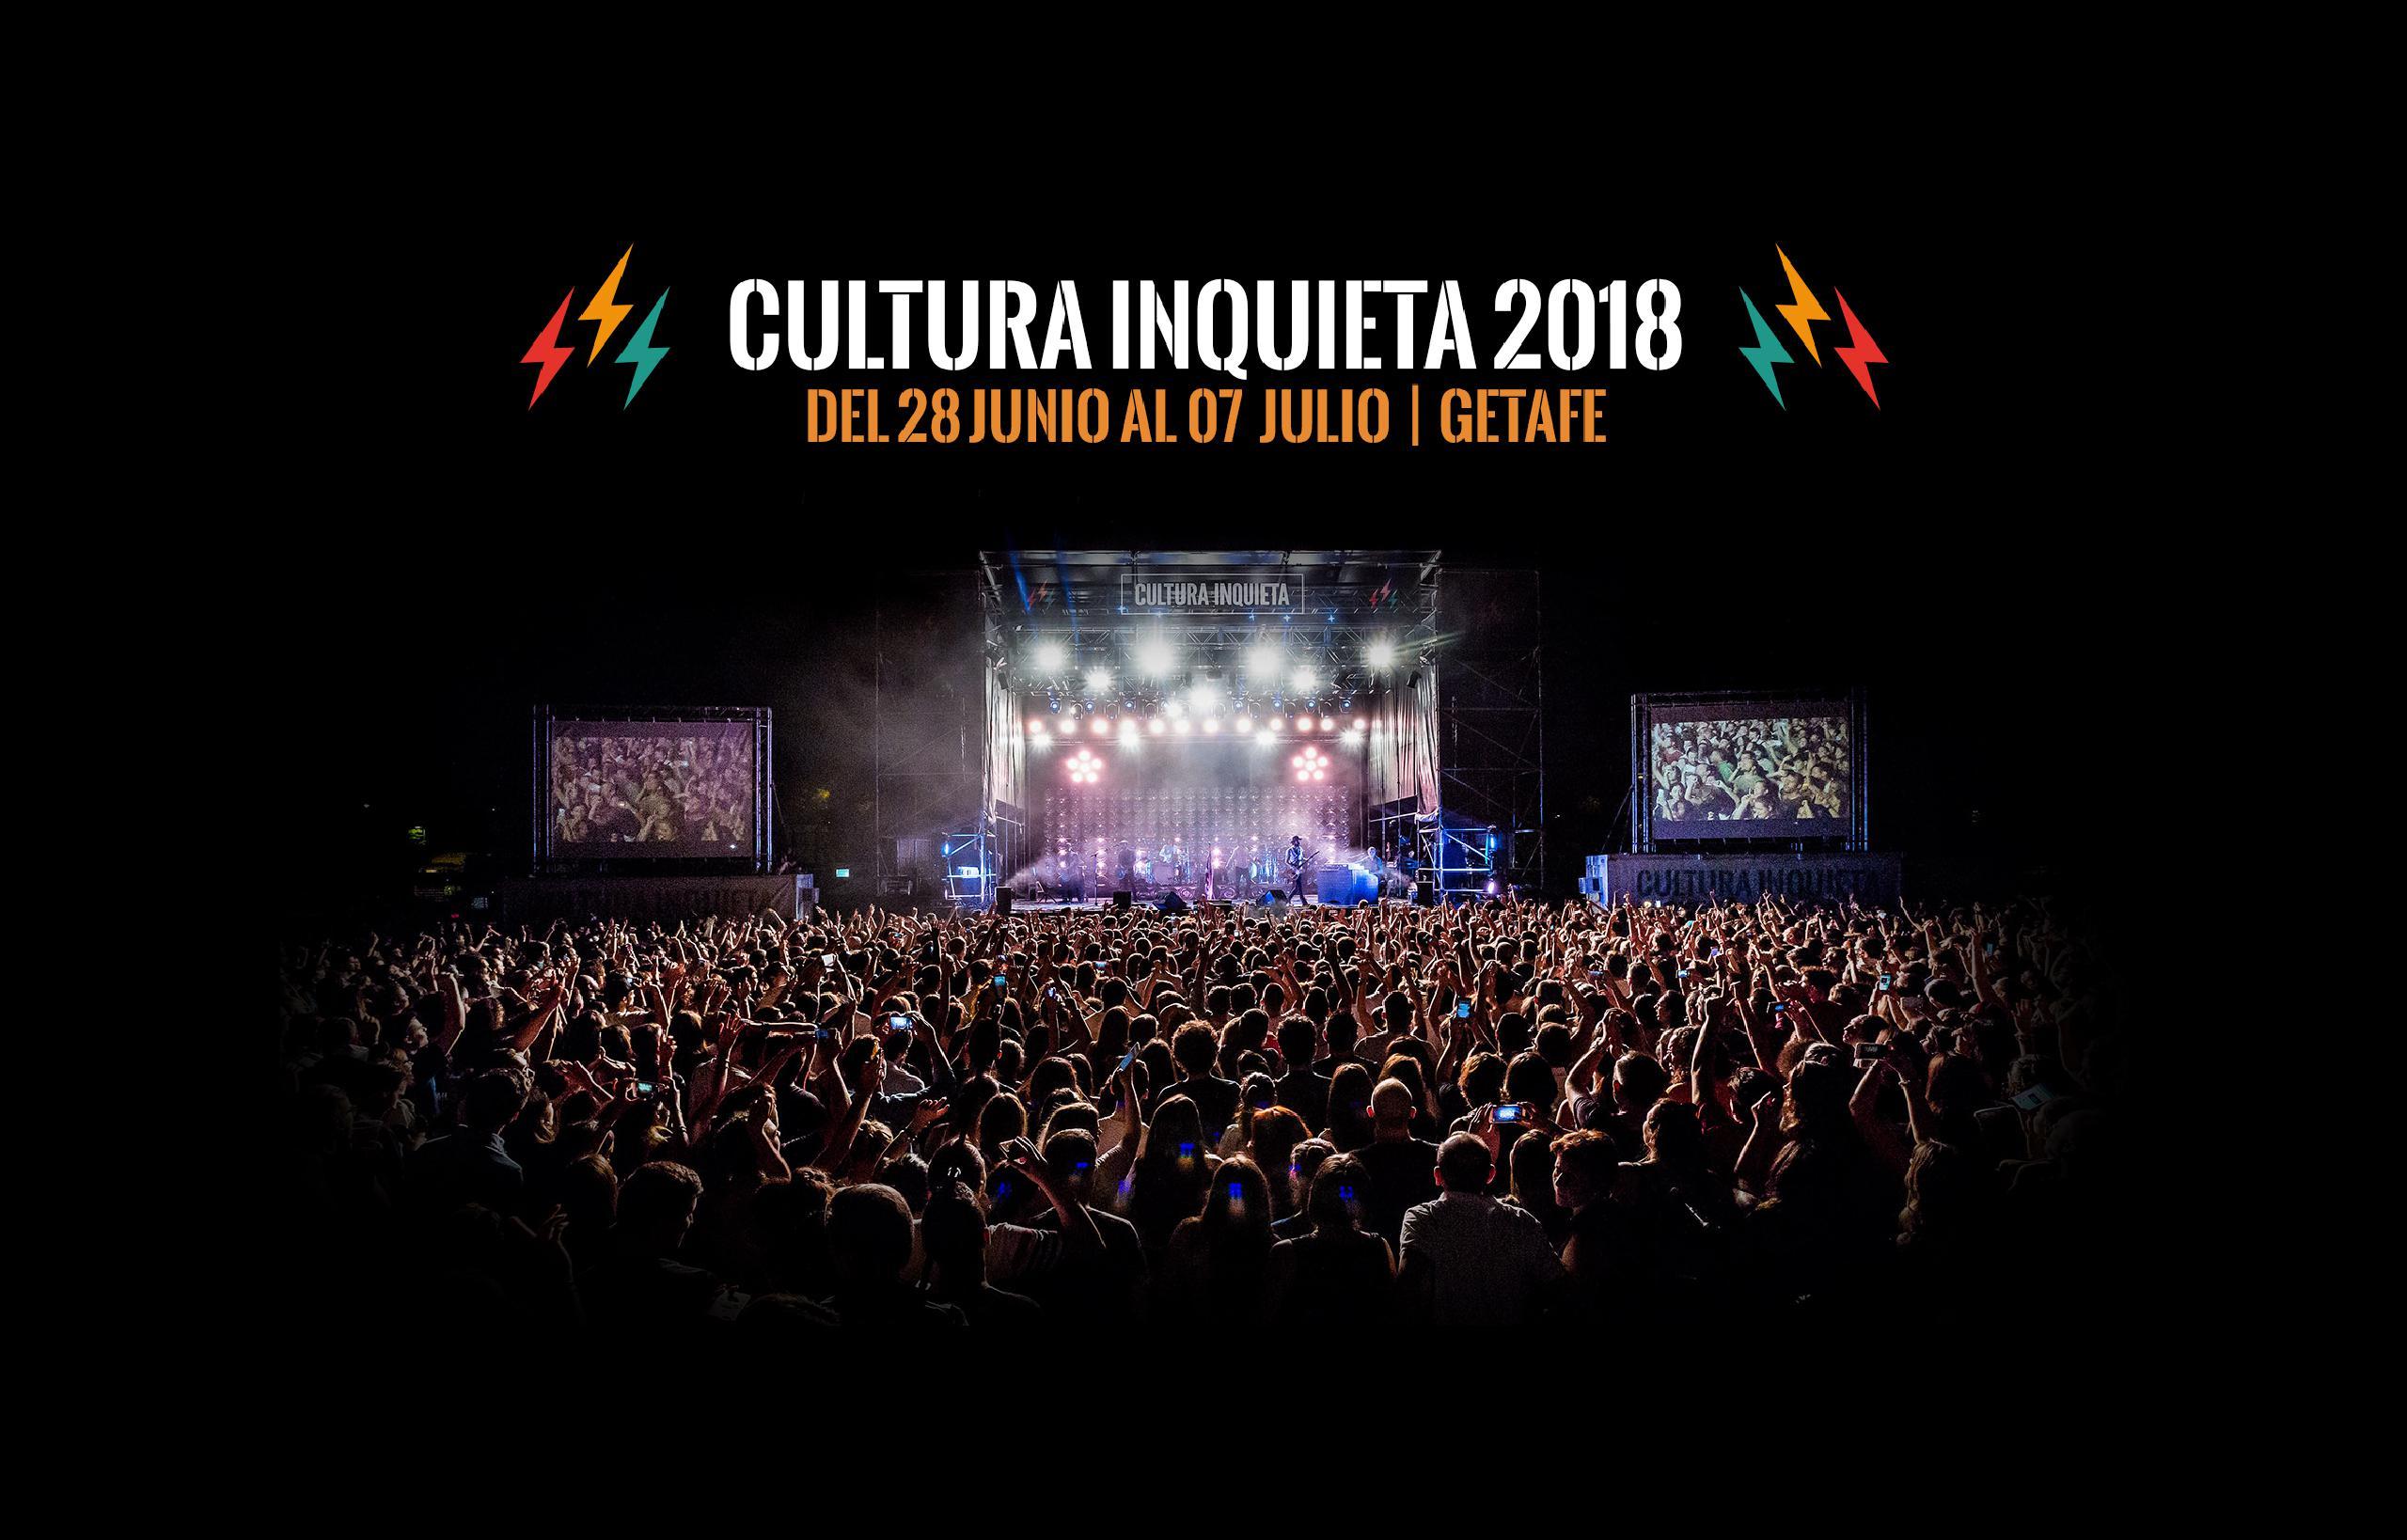 festival cultura inquieta 2018